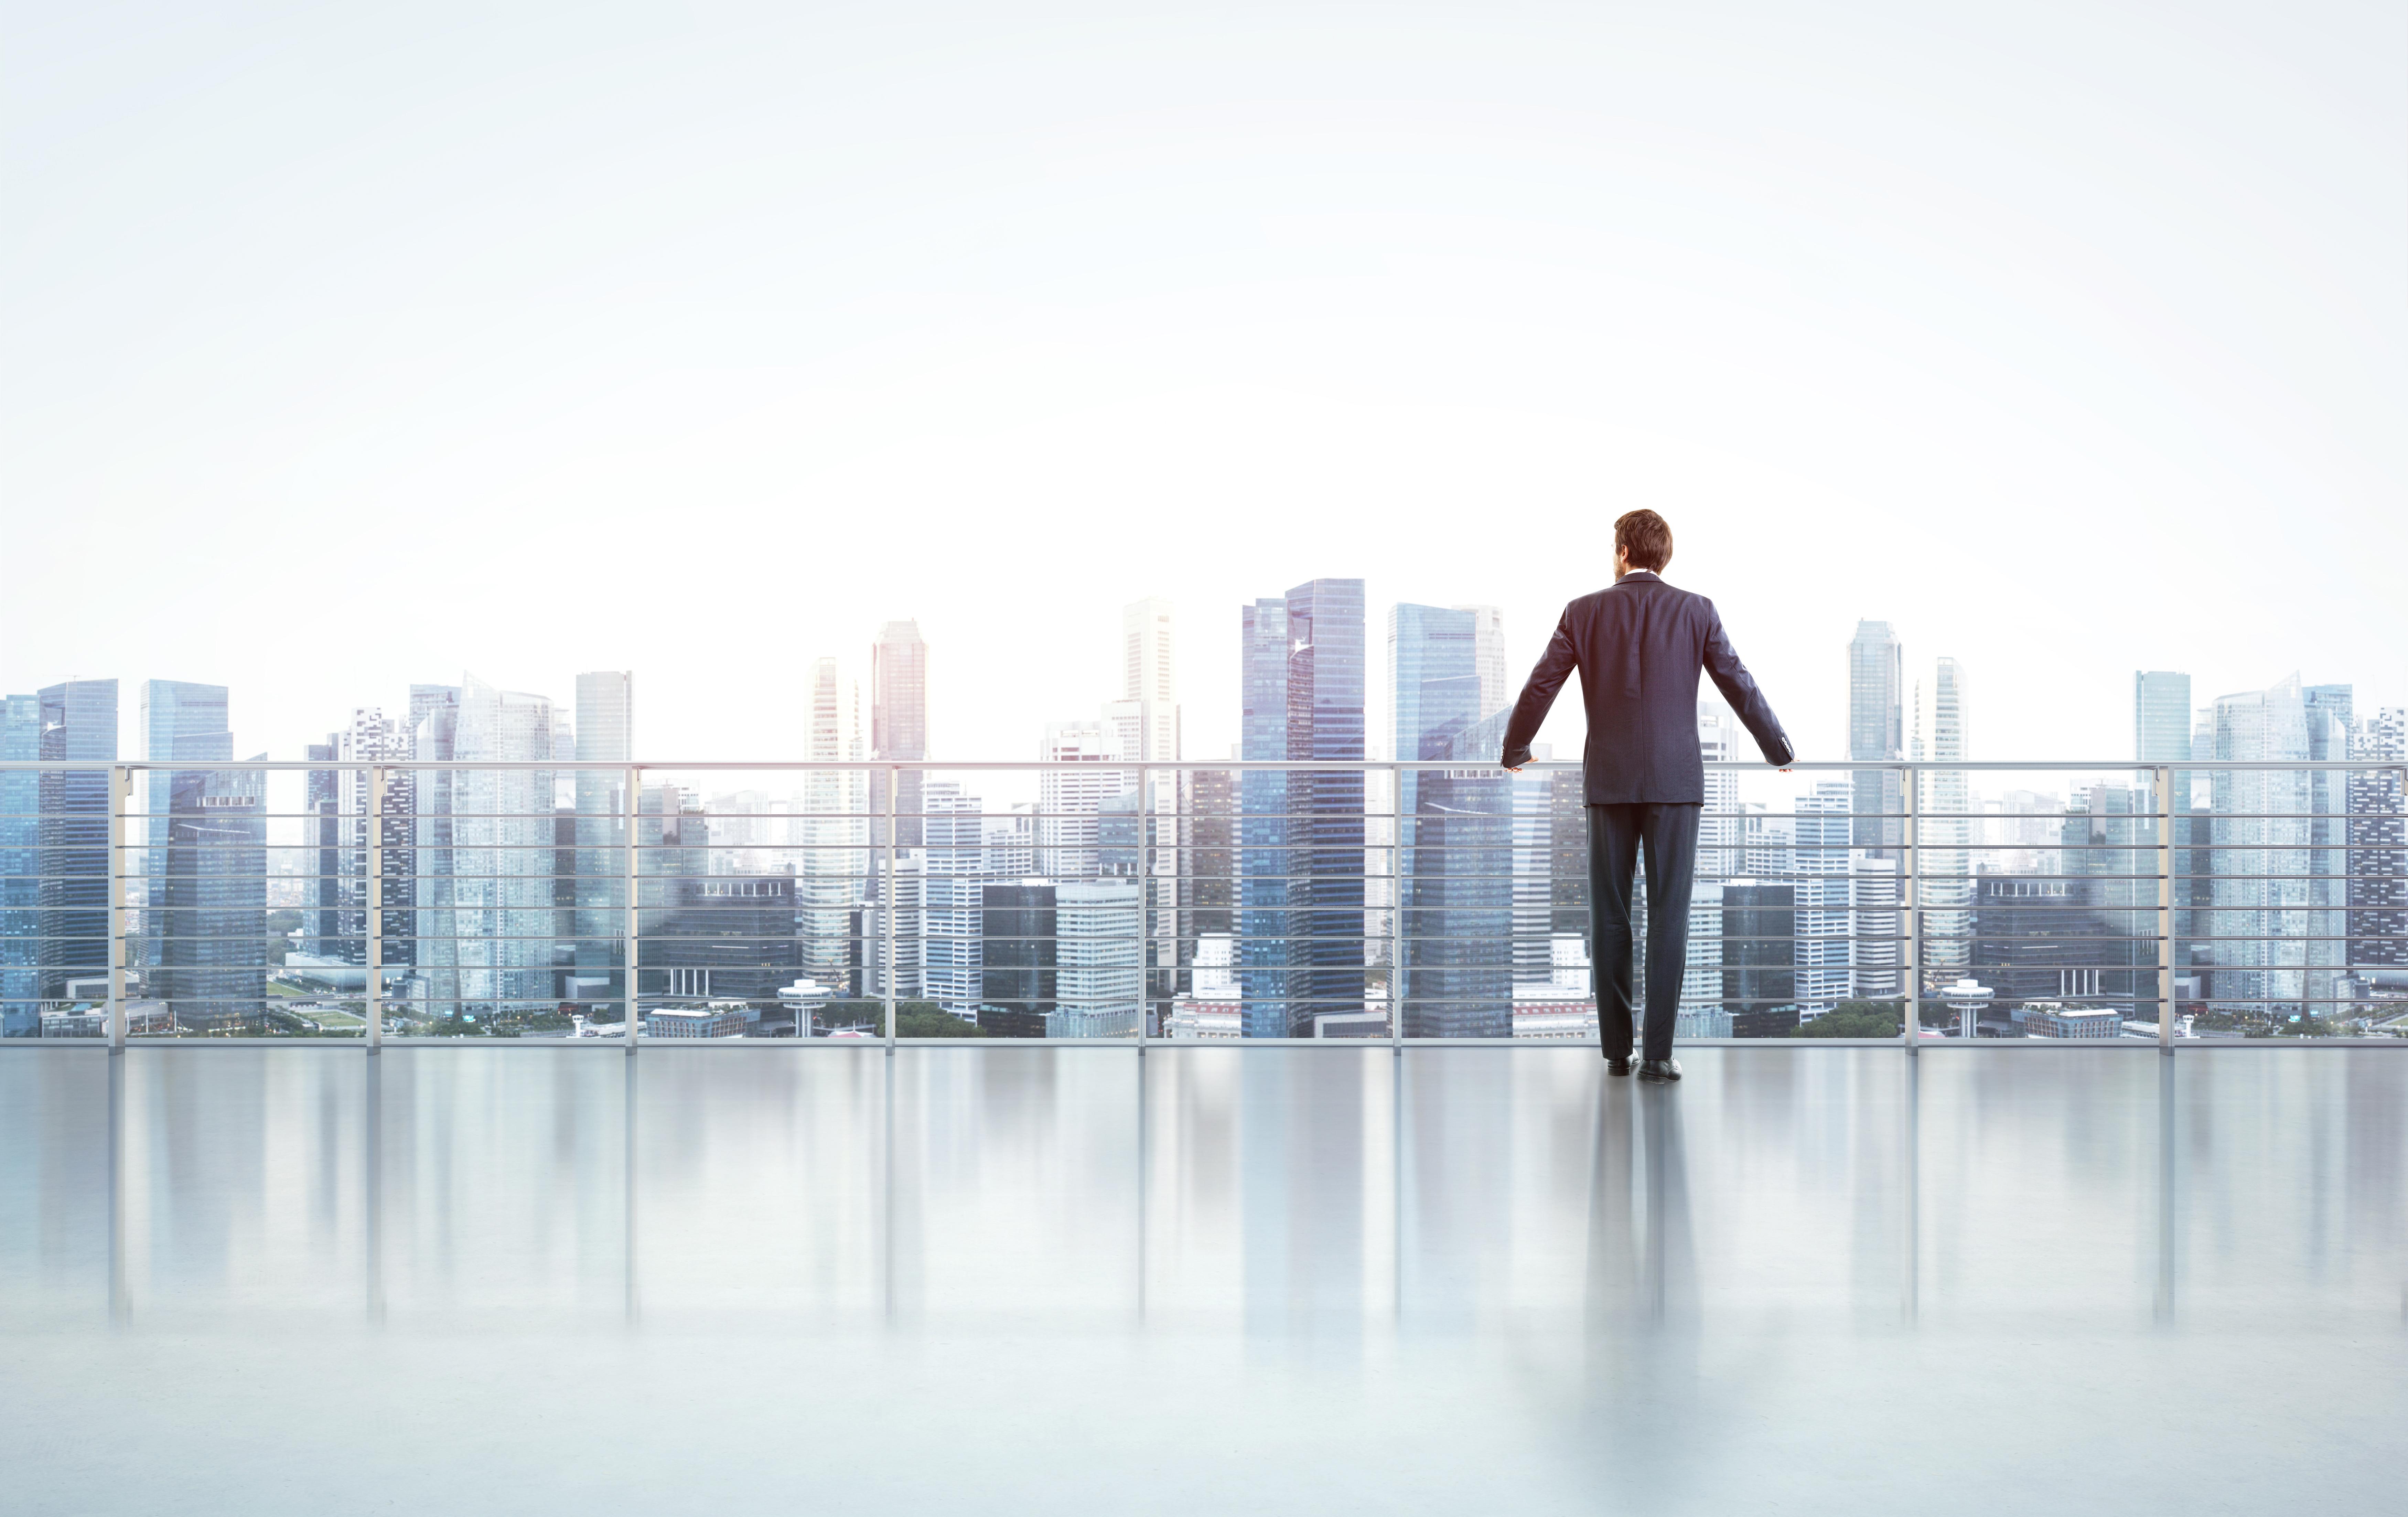 Бизнесмен, которому доступна бизнес иммиграция через регистрацию компании в Германии